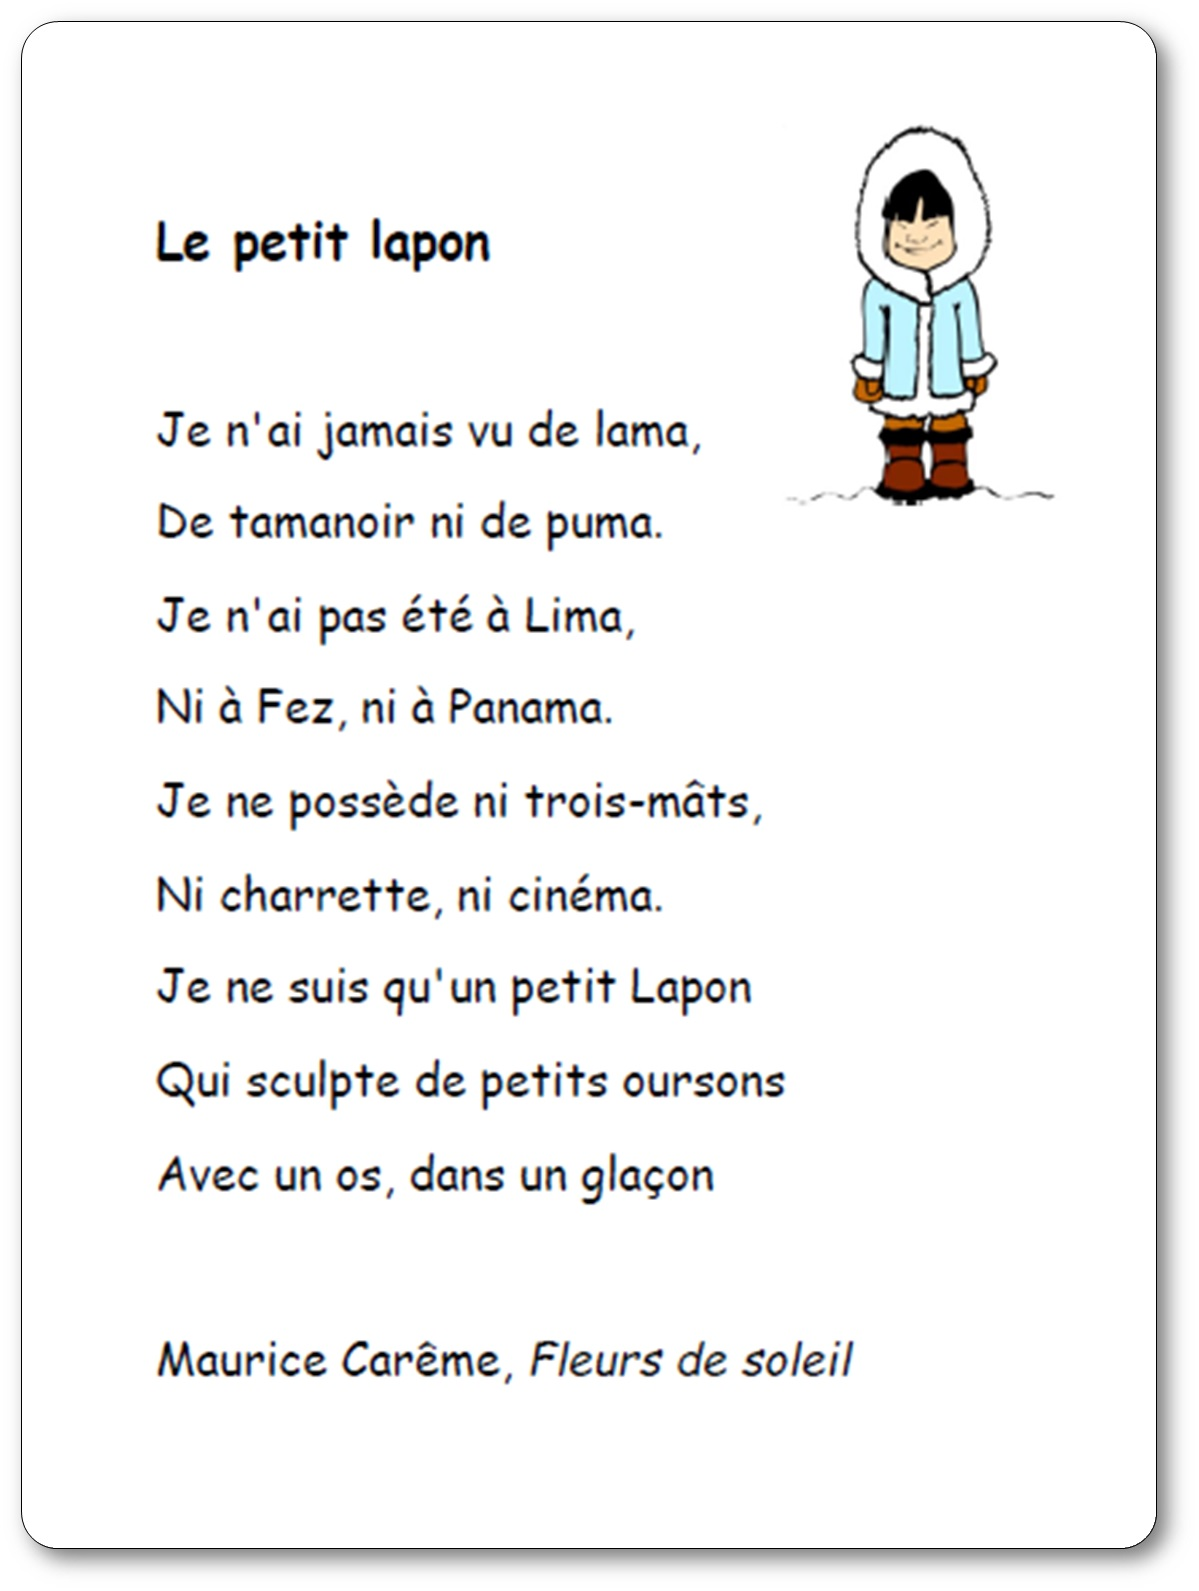 Poésie Le petit lapon de Maurice Carême